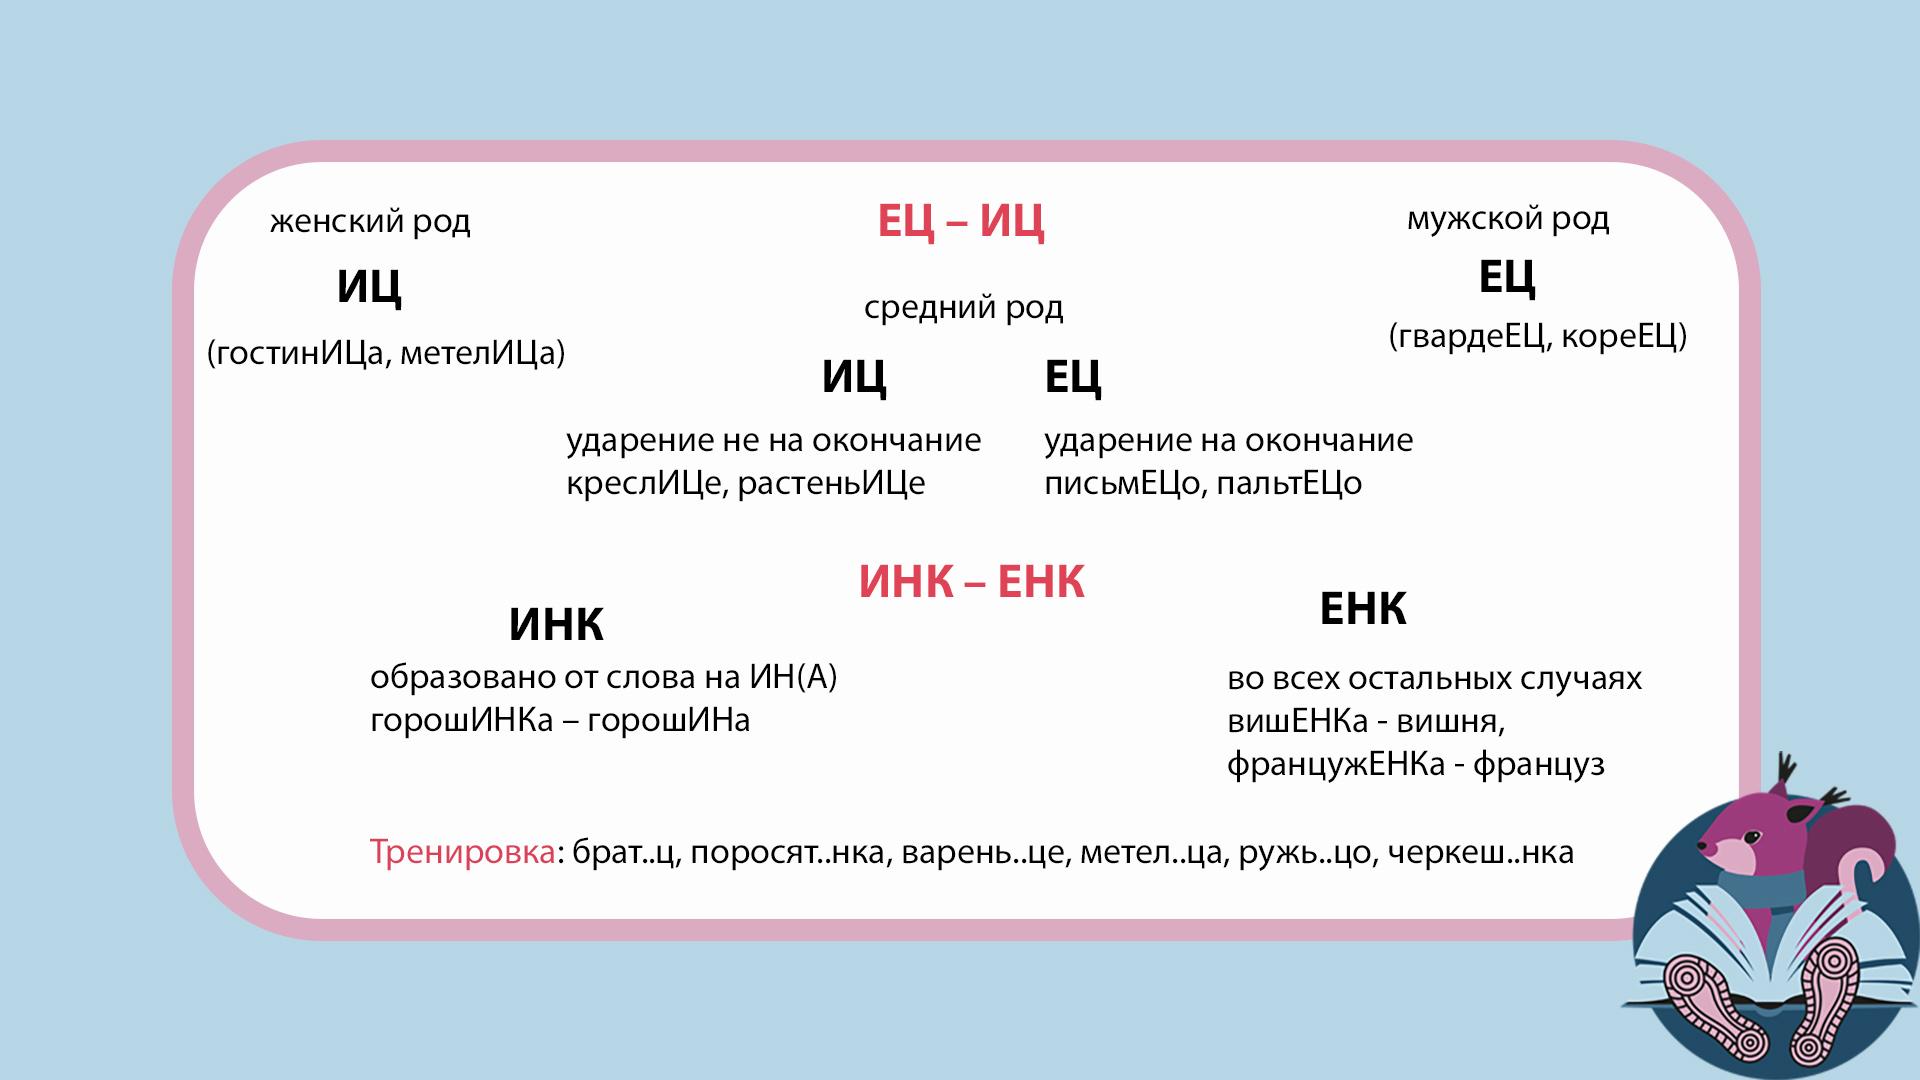 ЕГЭ: русский язык. Задание 11. Правописание суффиксов ЕЦ – ИЦ, ИНК – ЕНК